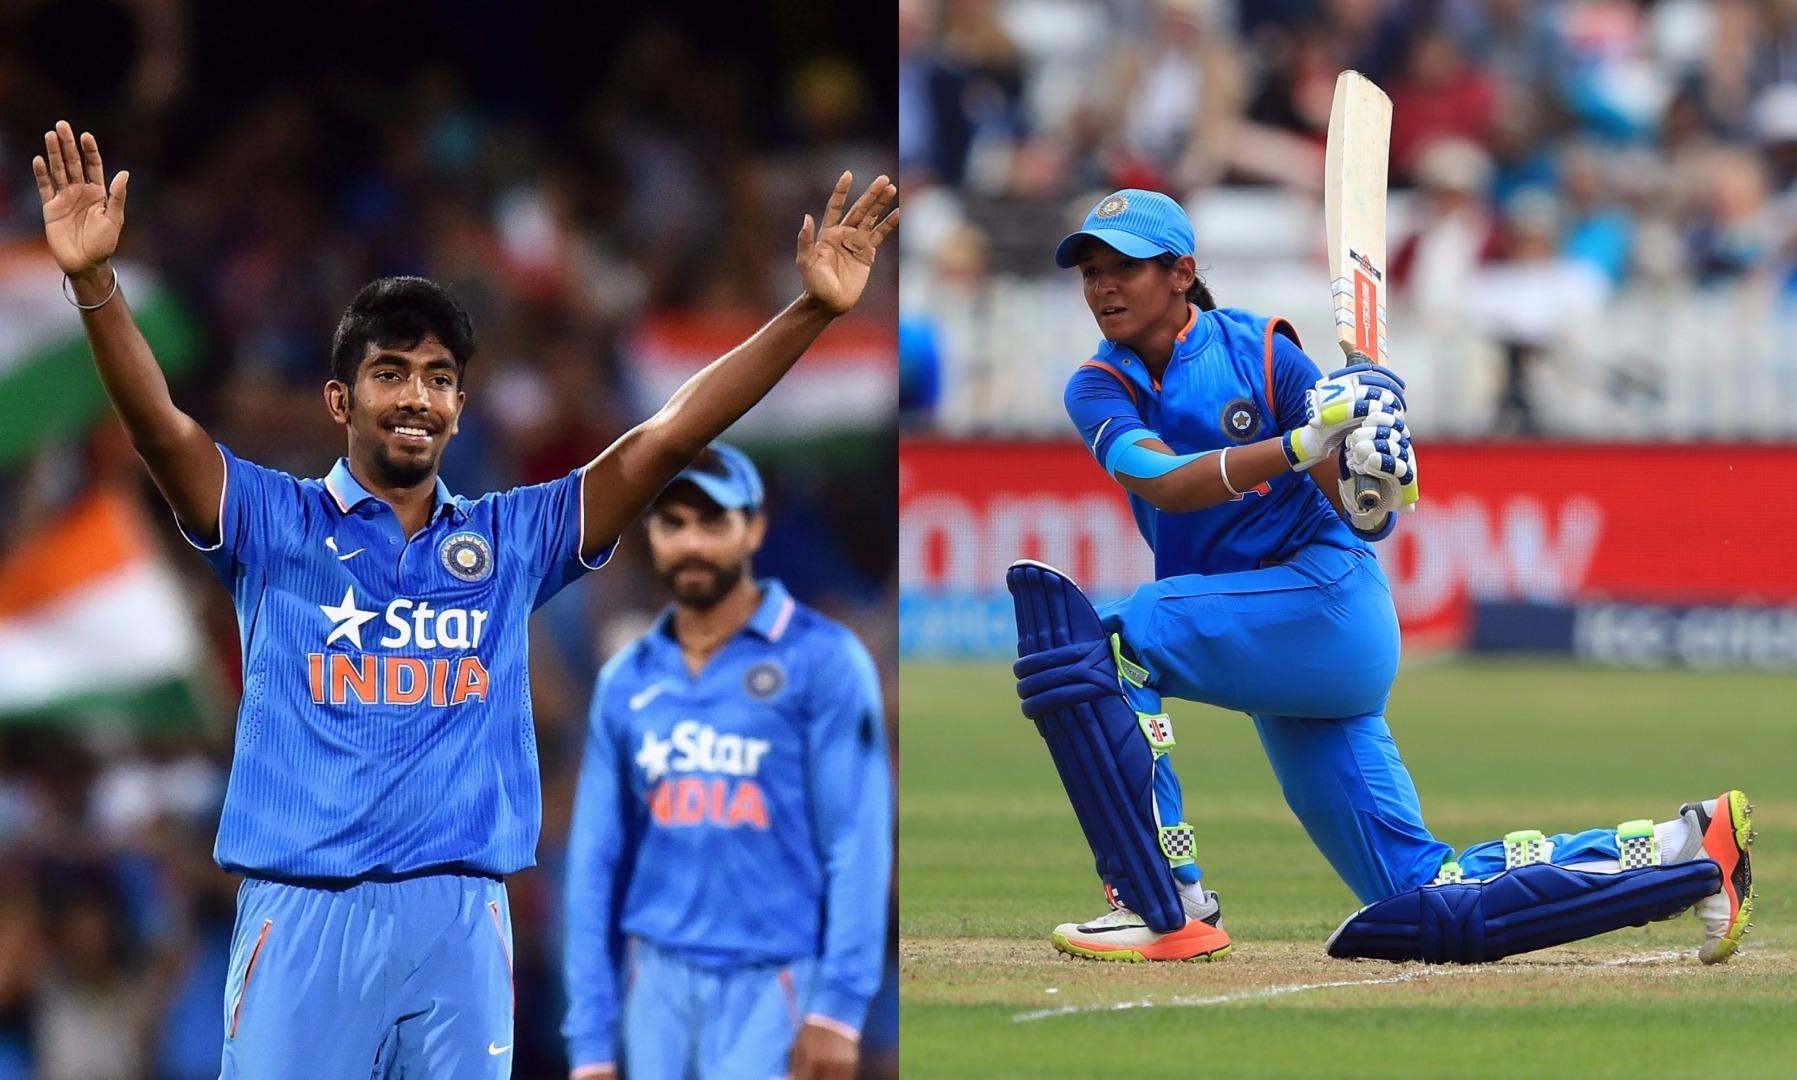 भारतीय क्रिकेट से महिला खिलाड़ी हरमनप्रीत कौर और पुरूष खिलाड़ी जसप्रीत बुमराह ने बनायी इस खास लिस्ट में जगह 50